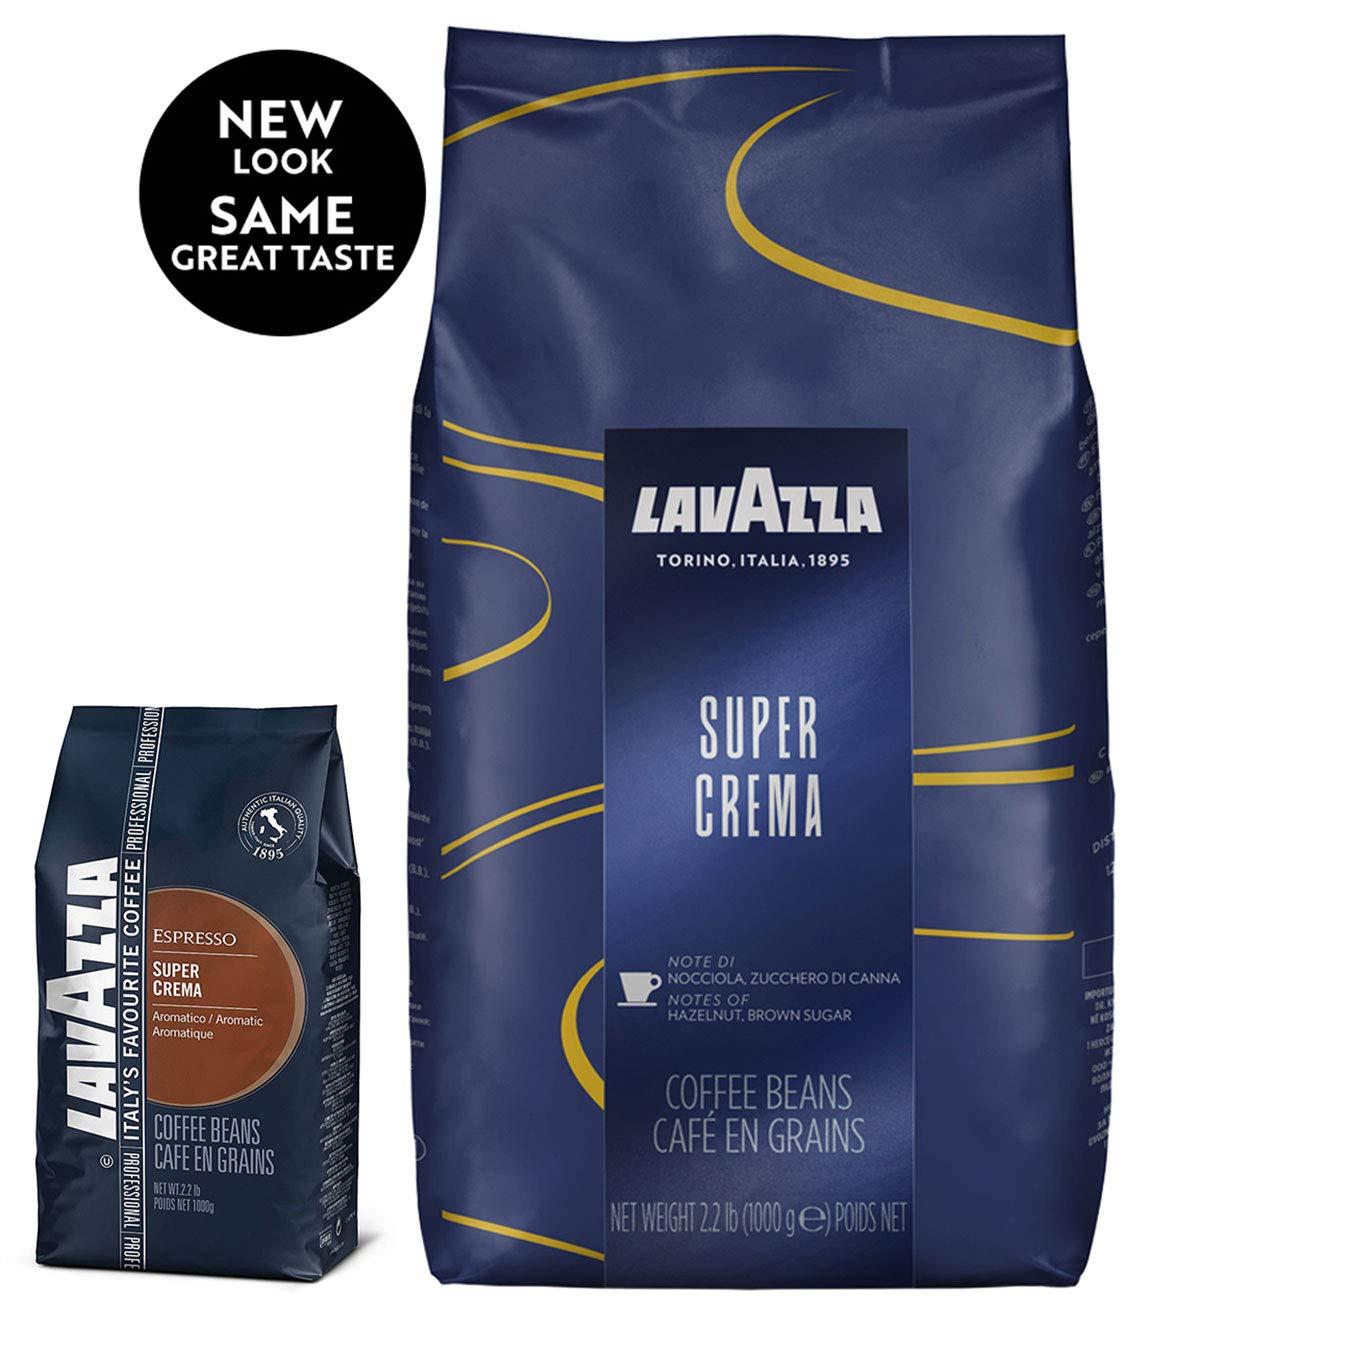 Lavazza Super Crema Whole Bean Coffee Blend, Medium Espresso Roast, 2.2 Pound Amazon $14.84